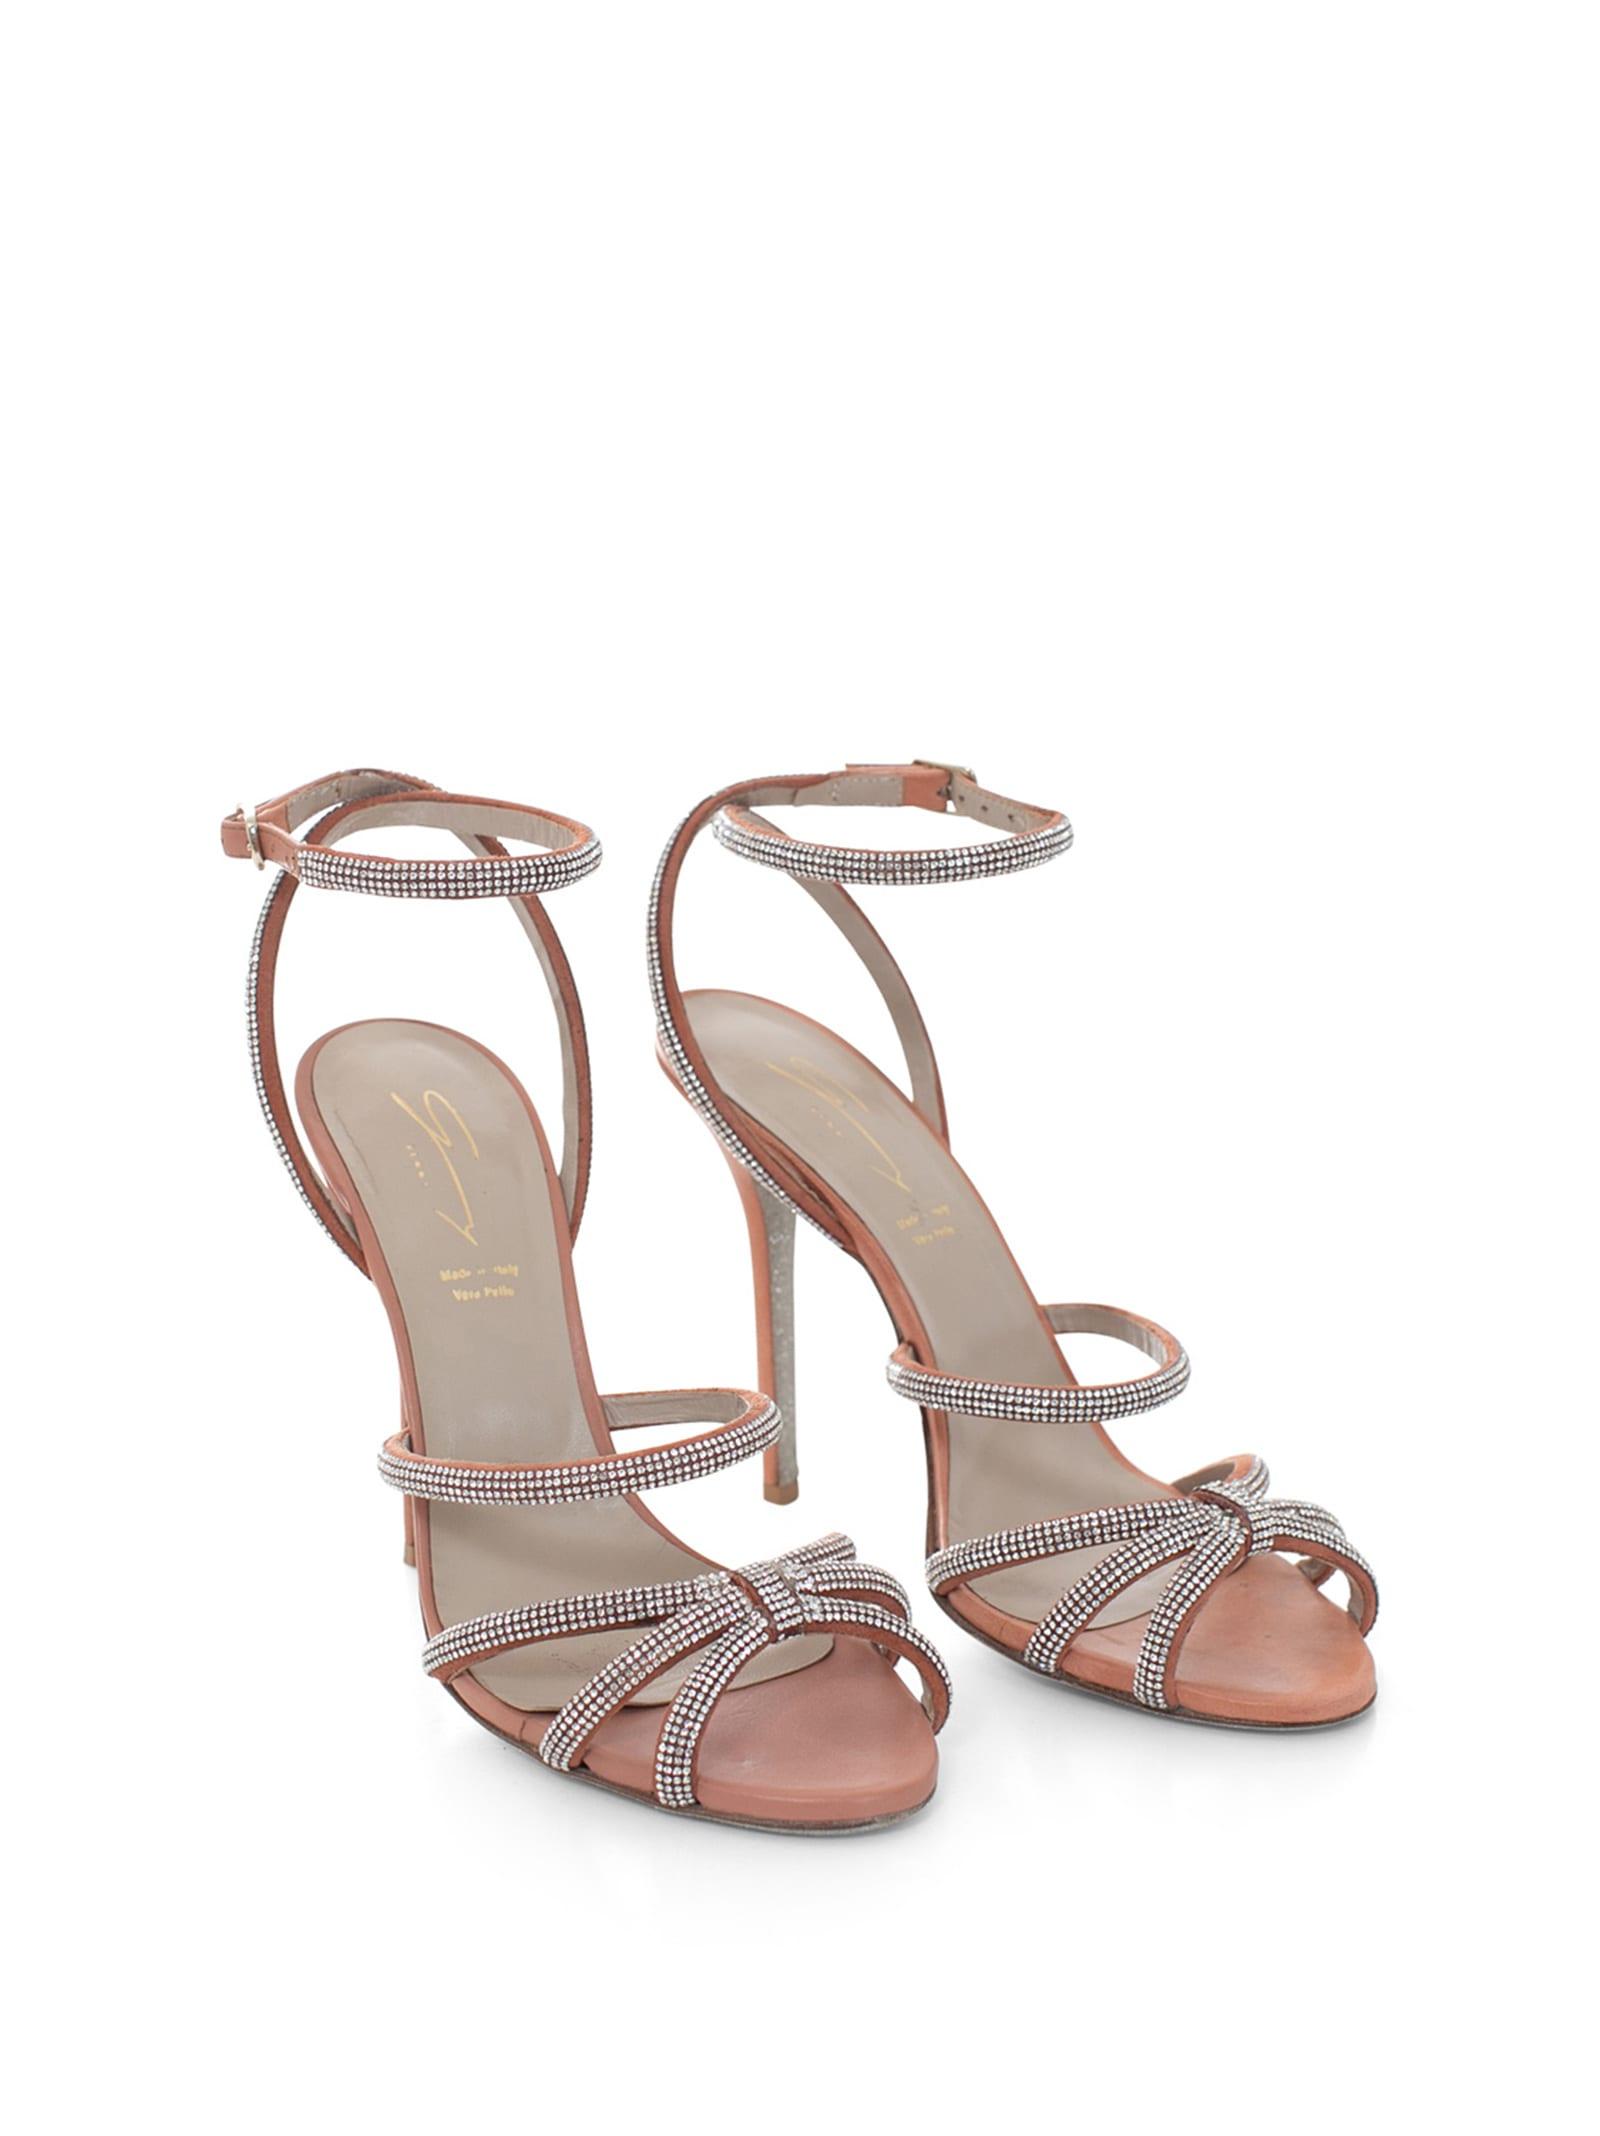 Crystals-embellished Leather Sandals